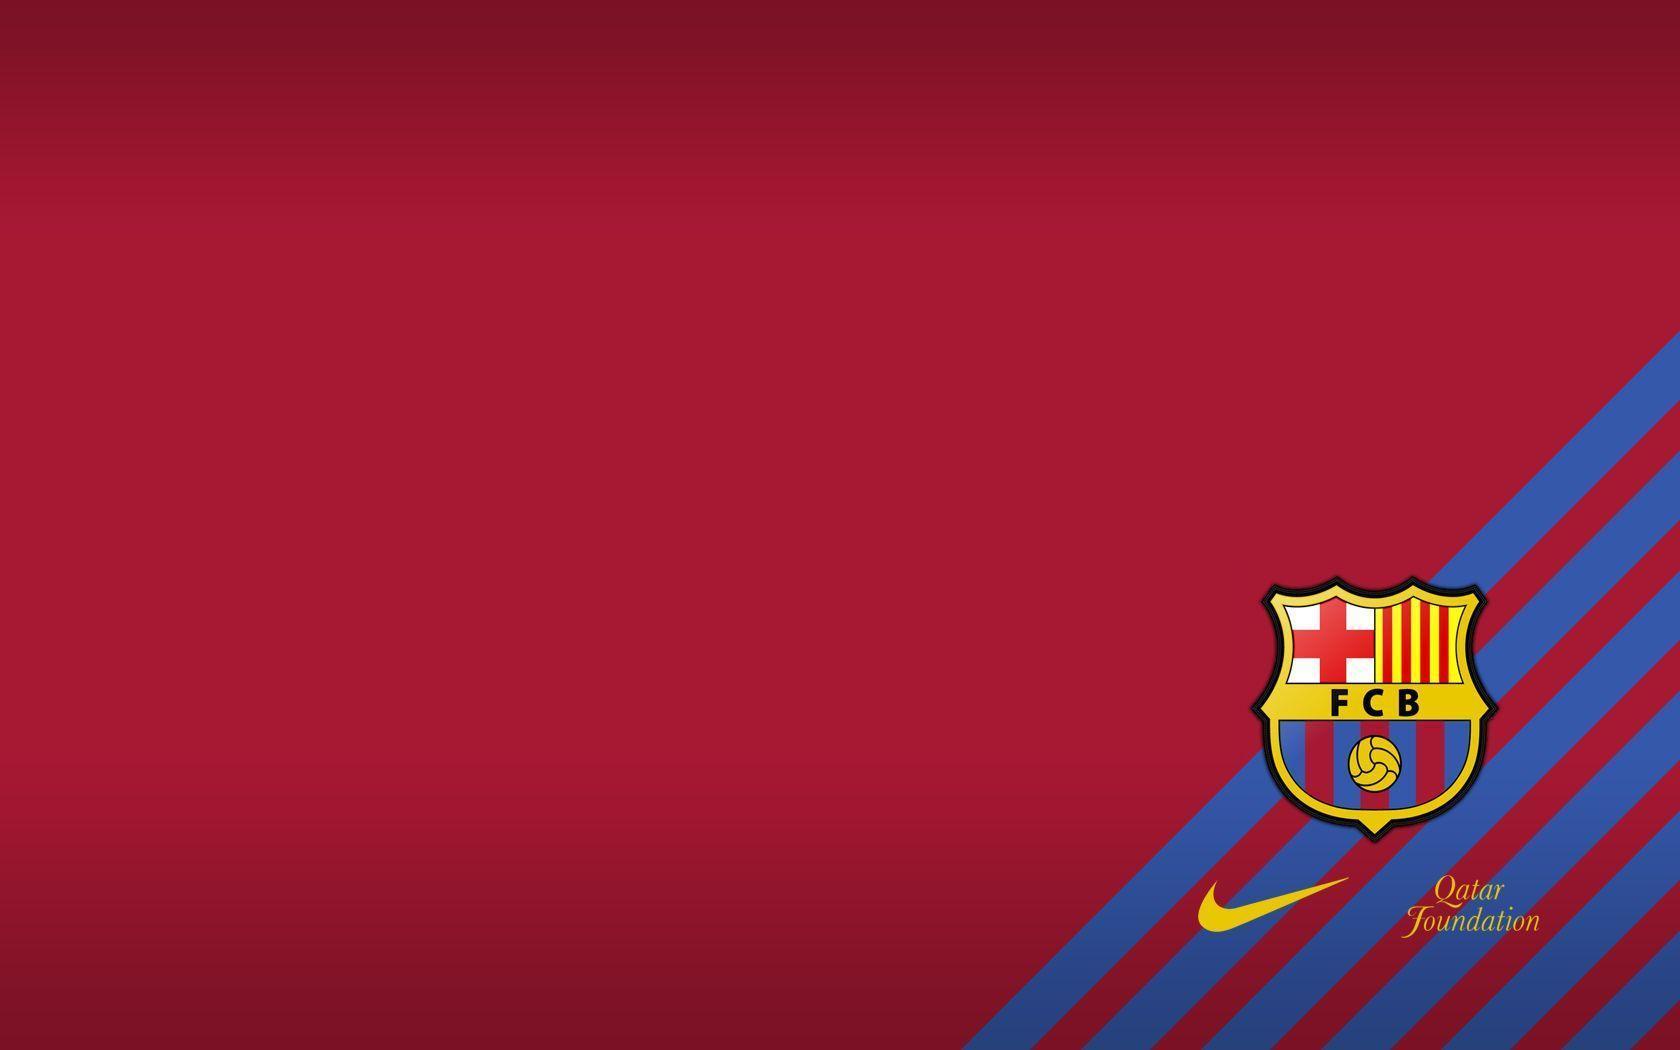 Fonds d'écran Fc Barcelona : tous les wallpapers Fc Barcelona